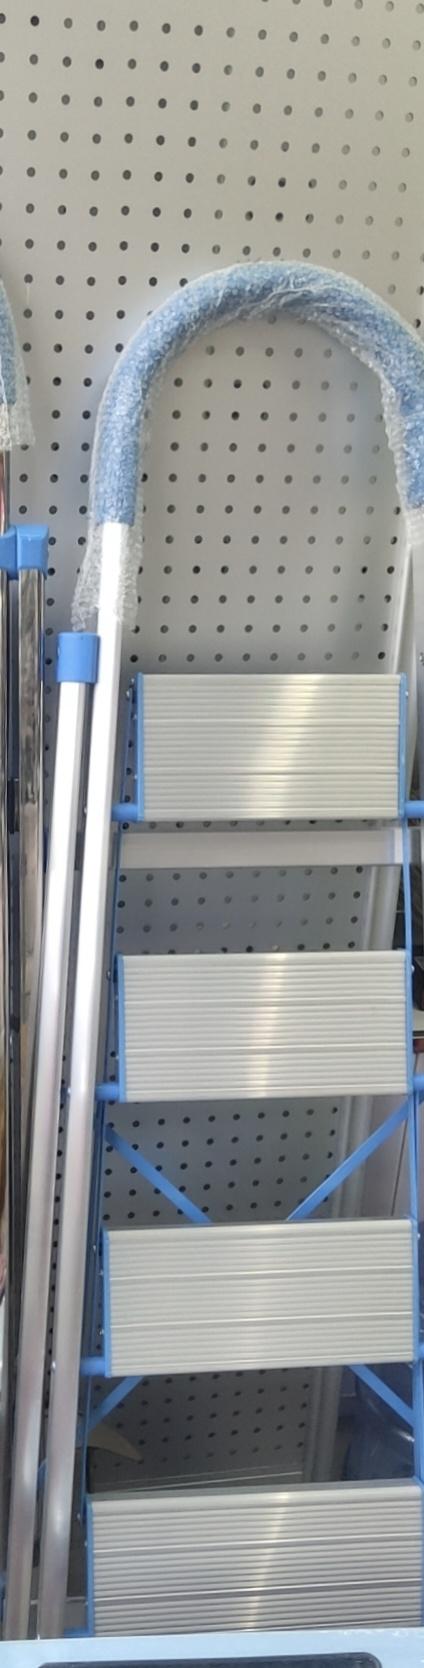 铝合金梯子人字梯双侧梯折叠梯四步人字圆弧形梯工程梯踏板梯